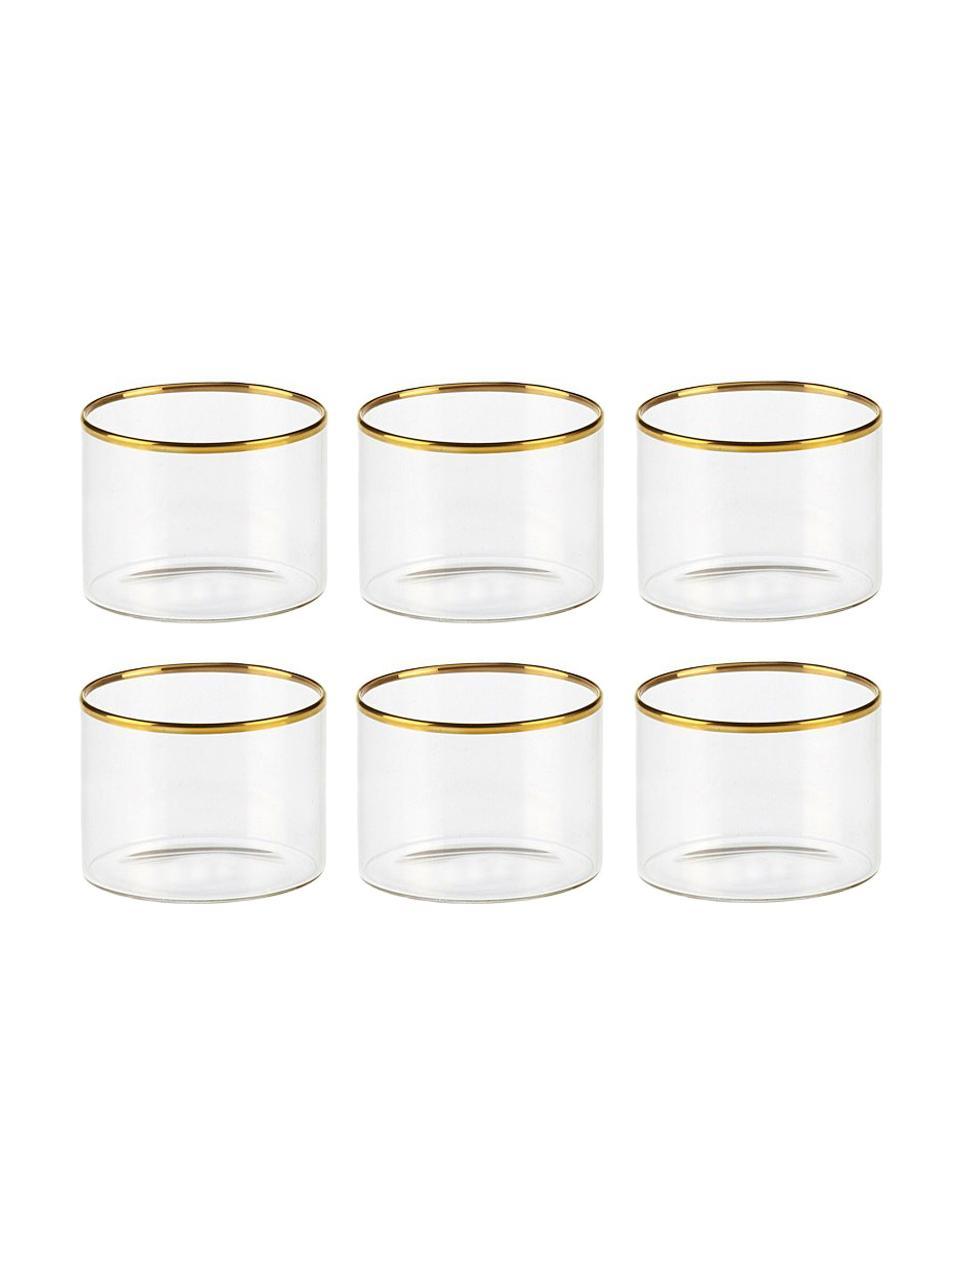 Verre à vin Boro bord doré, 6pièces, Transparent, doré